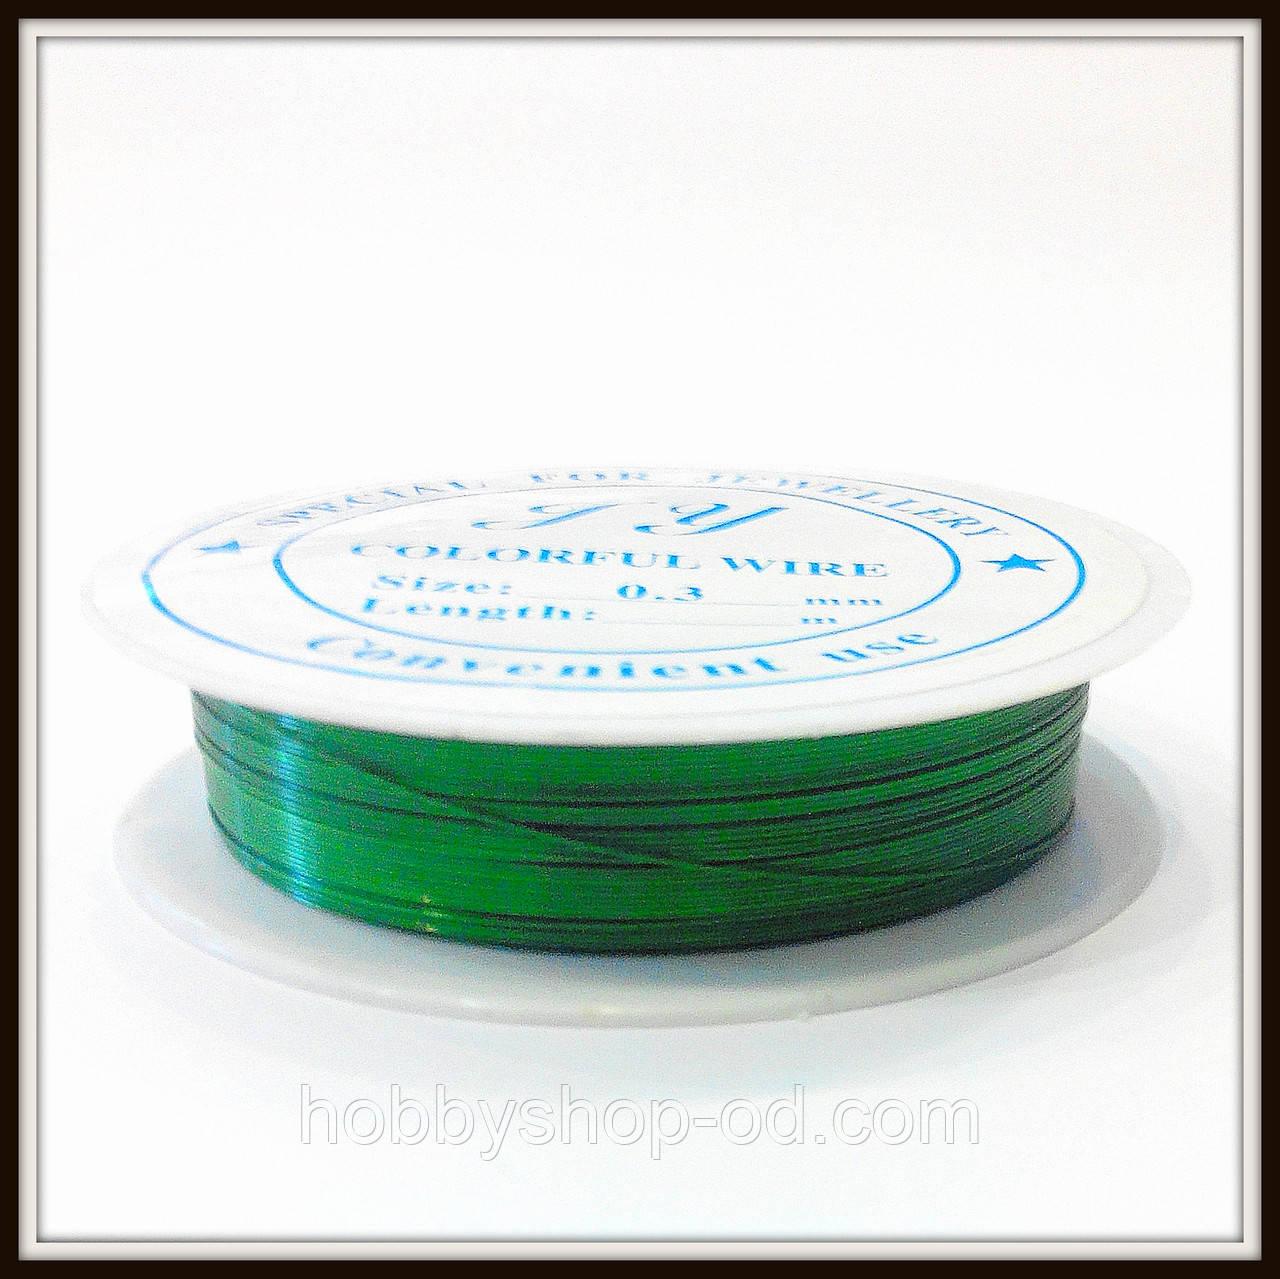 Проволока диам. 0,3 мм цвет зеленый.(упаковка 10 бобин)